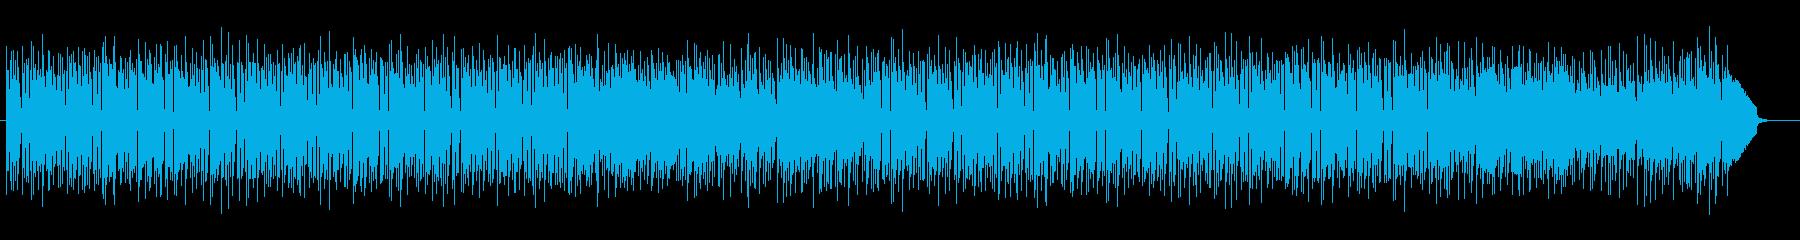 お洒落な雰囲気のピアノポップスの再生済みの波形